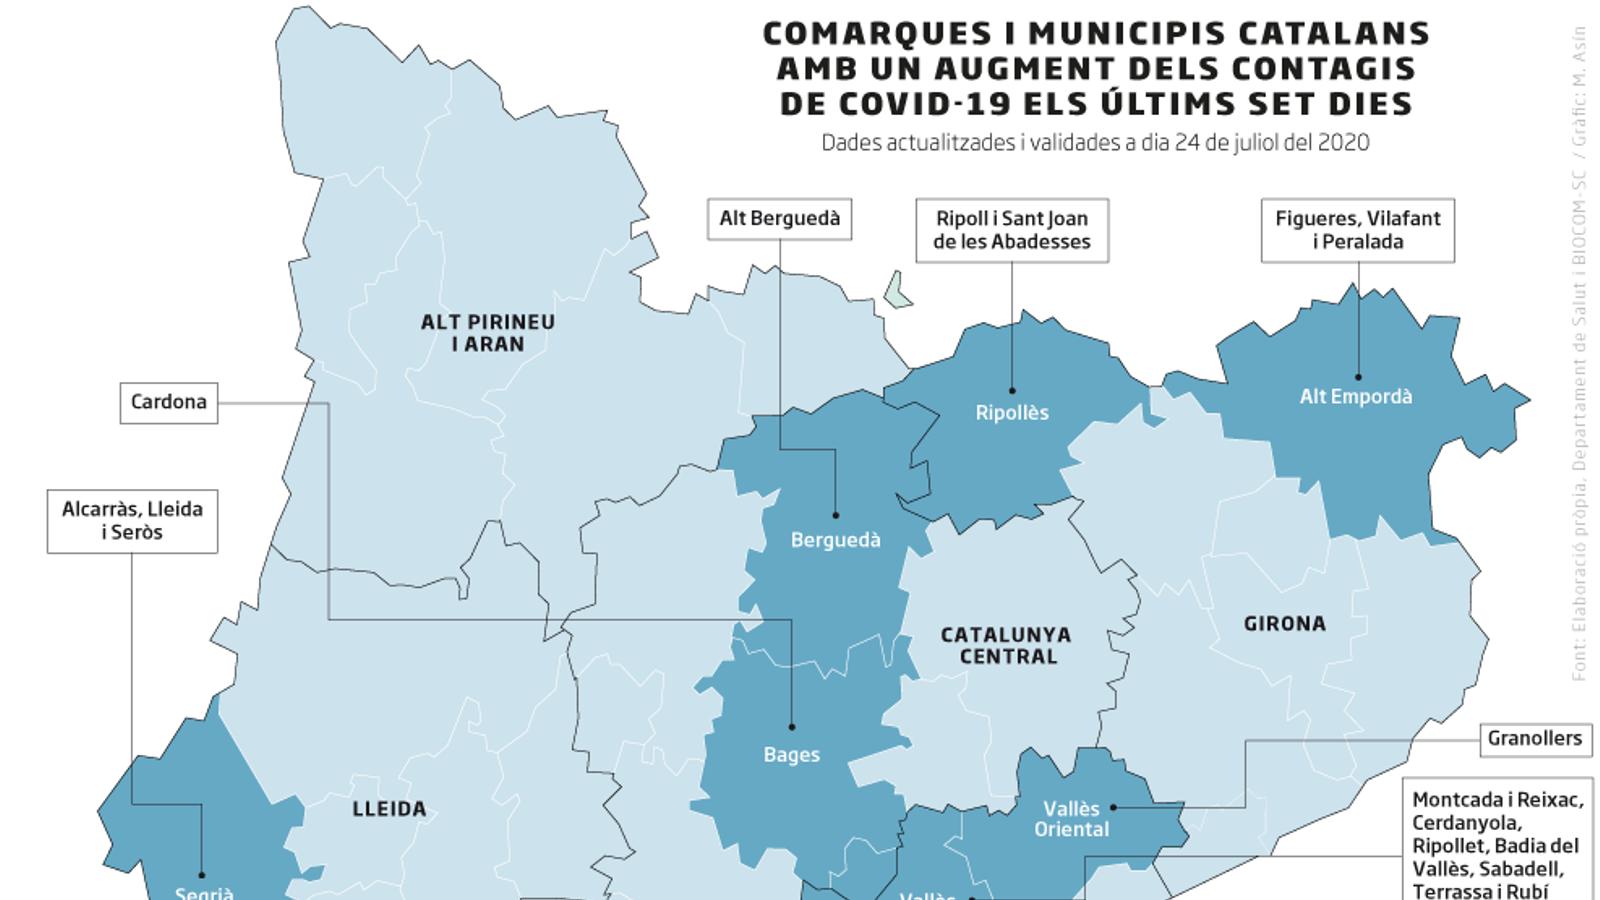 Gràfic de comarques i municipis catalans amb un augment dels contagis de covid-19 els últims set dies